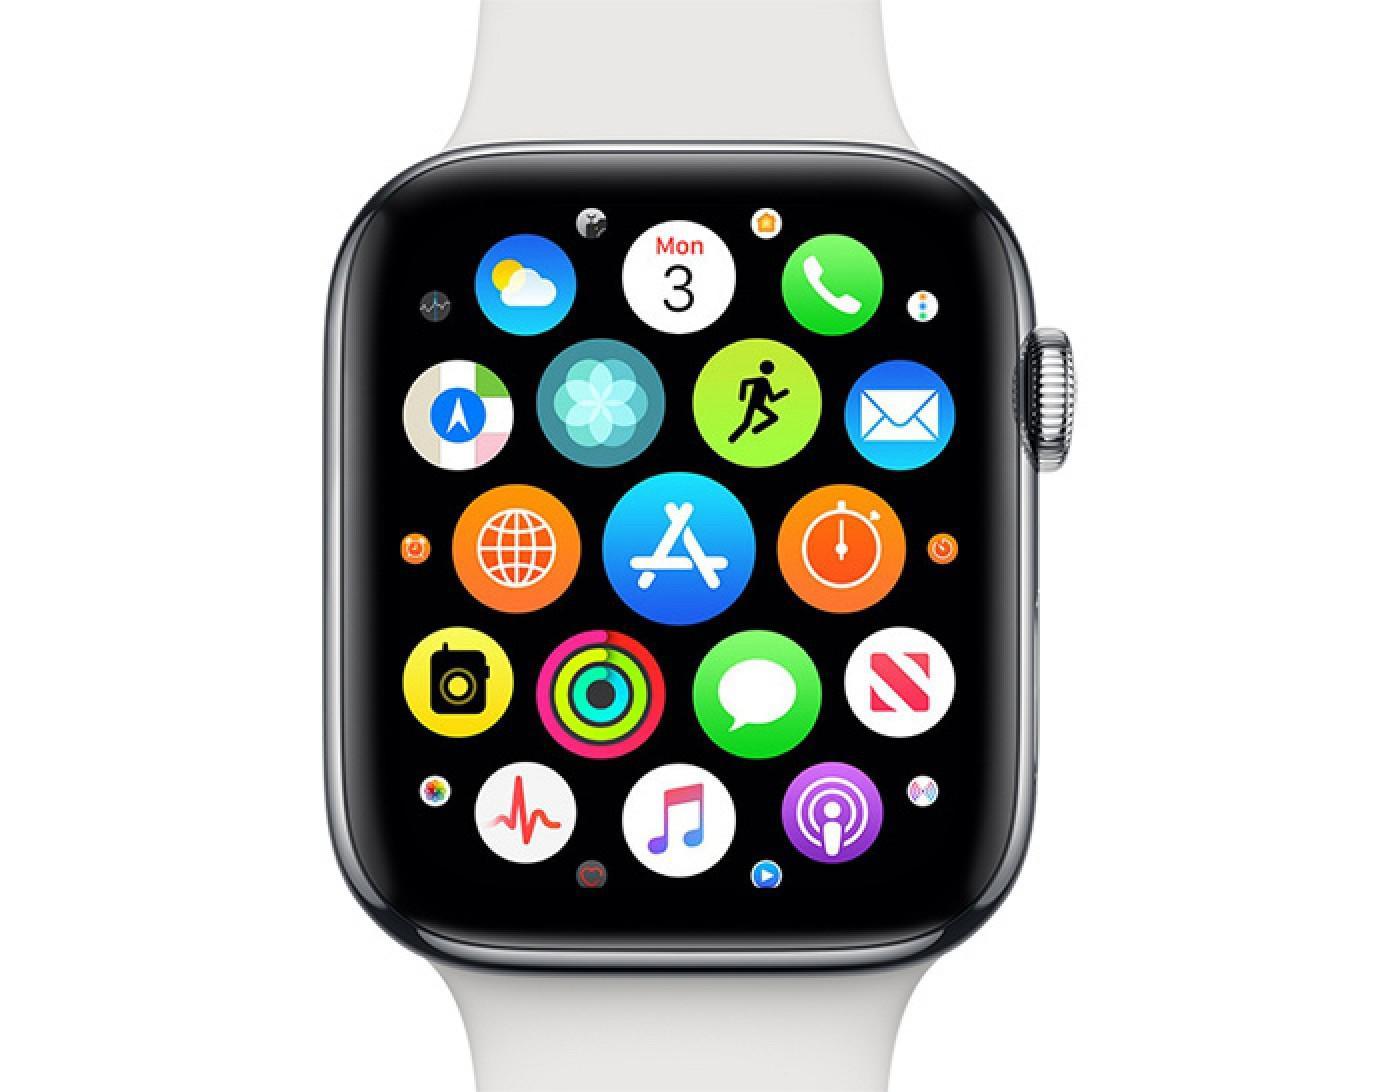 苹果9月19日发布Watch OS 6:新增多款应用